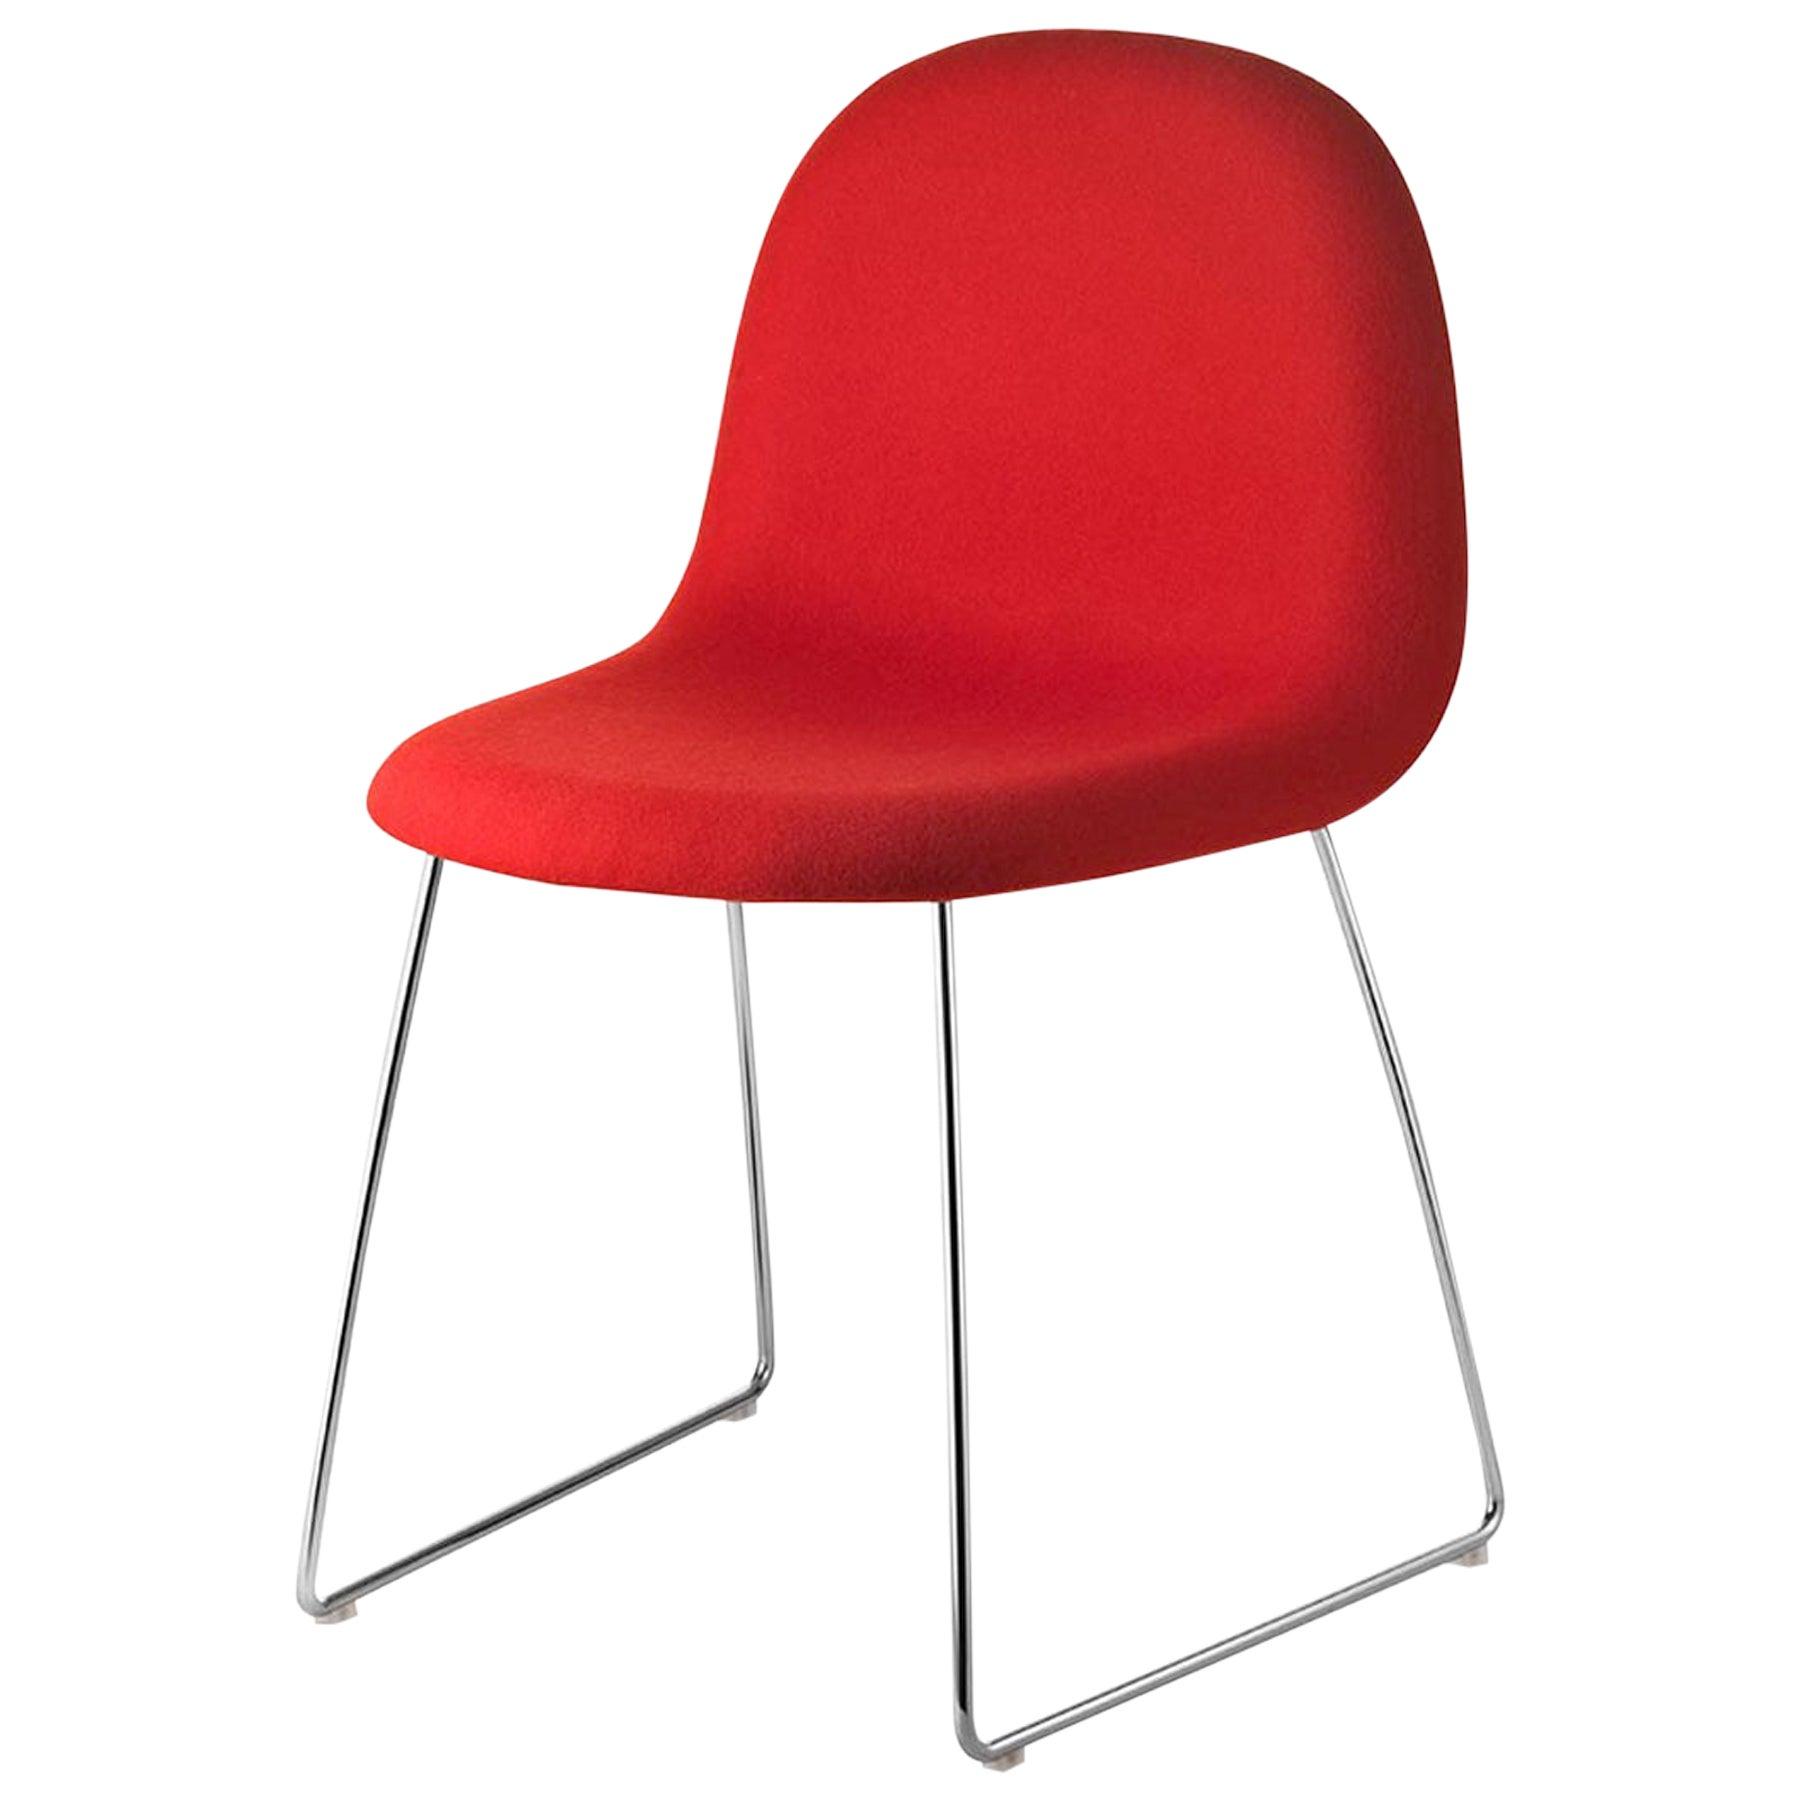 3D Dining Chair, Fully Upholstered, Sledge Base, Chrome